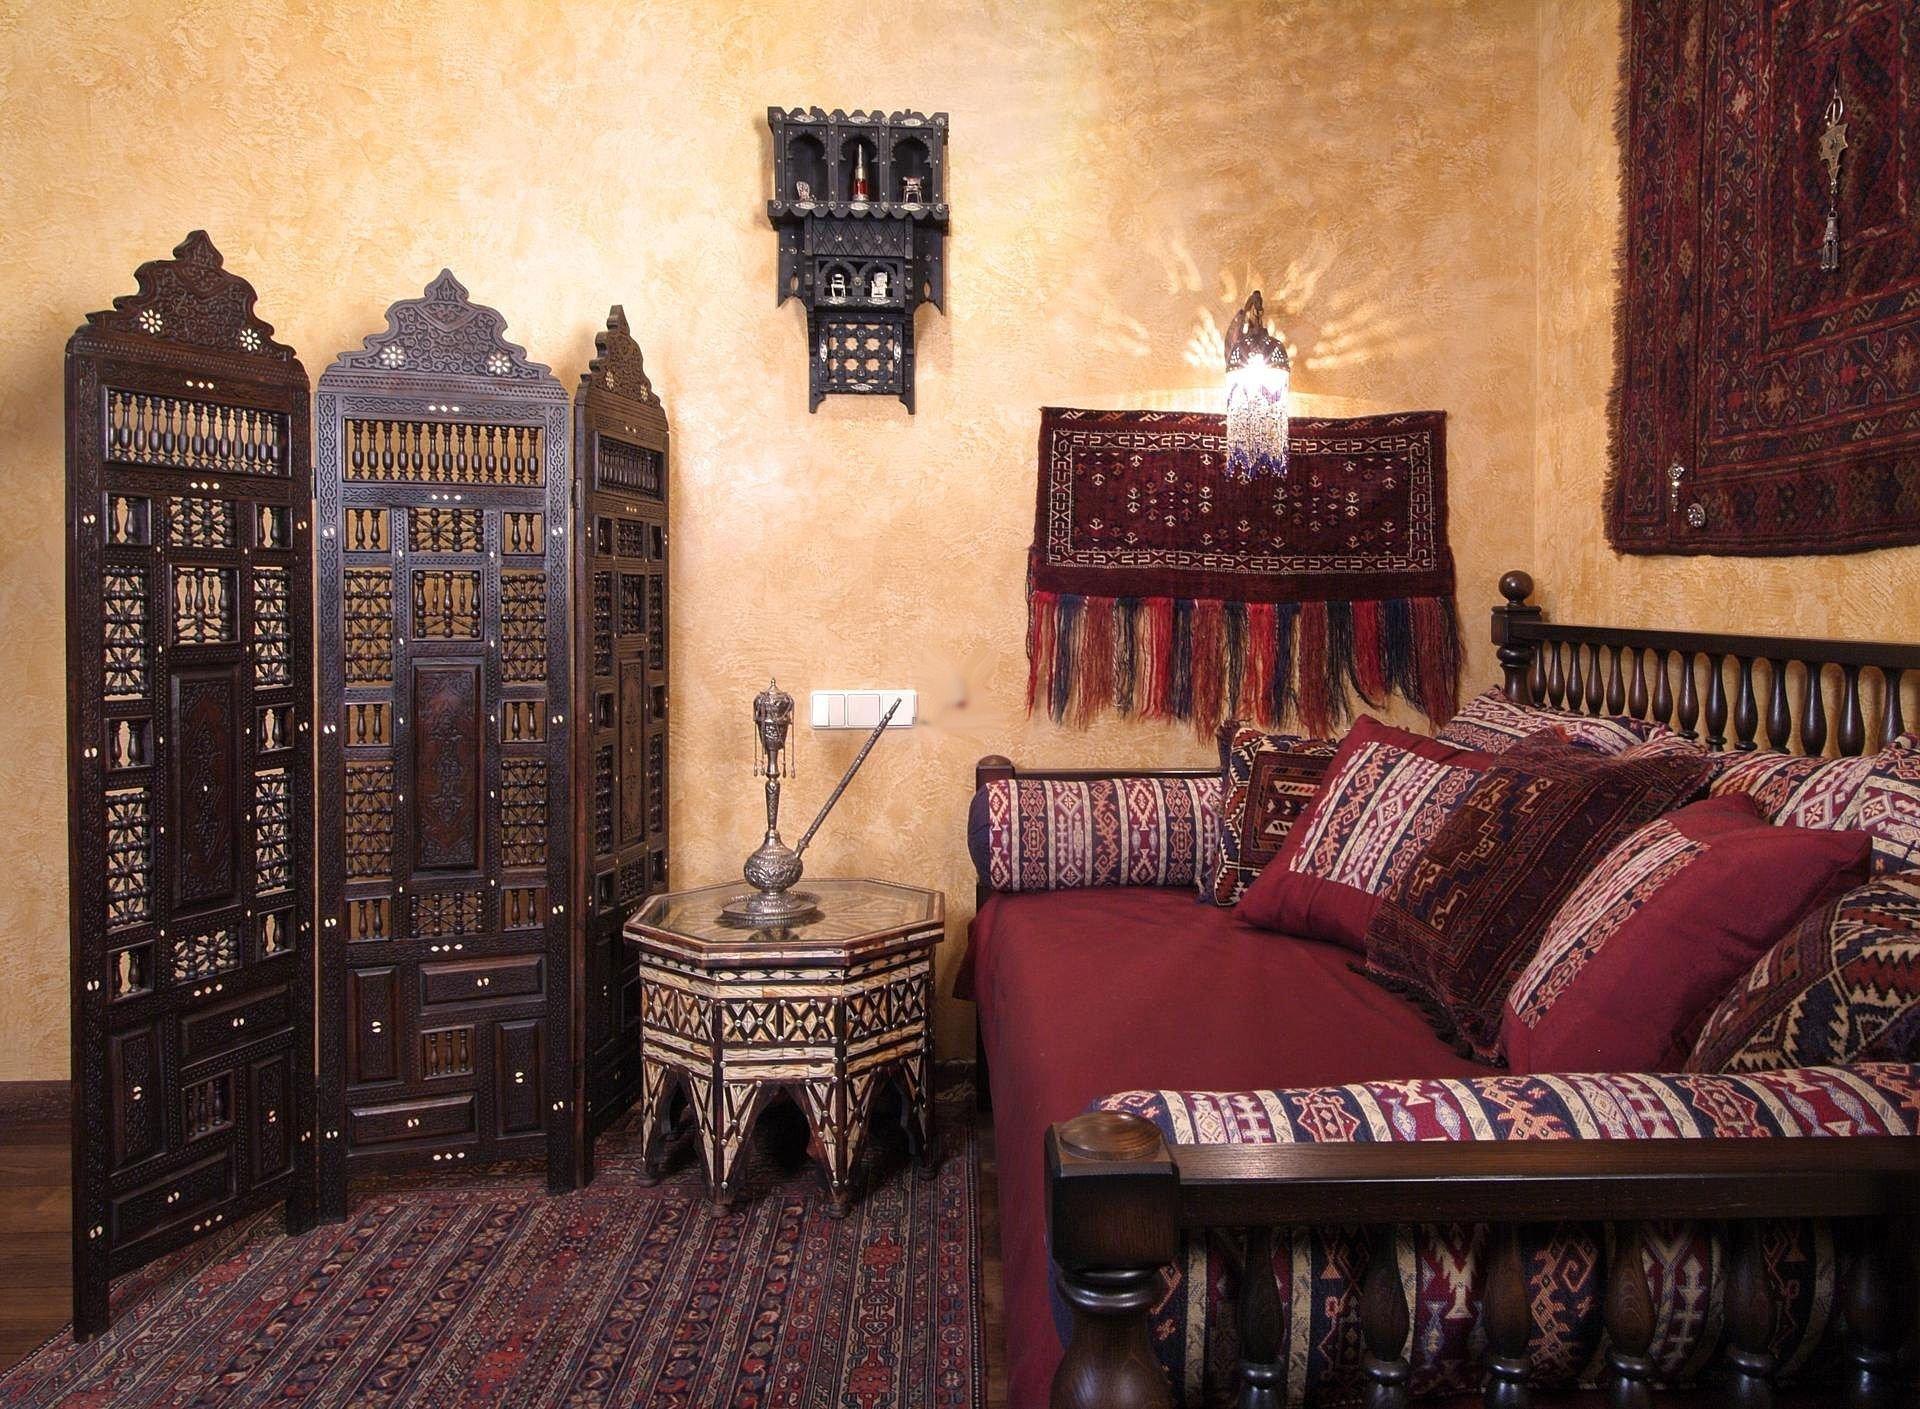 Османский стиль в интерьере. Интерьер дома в османском стиле